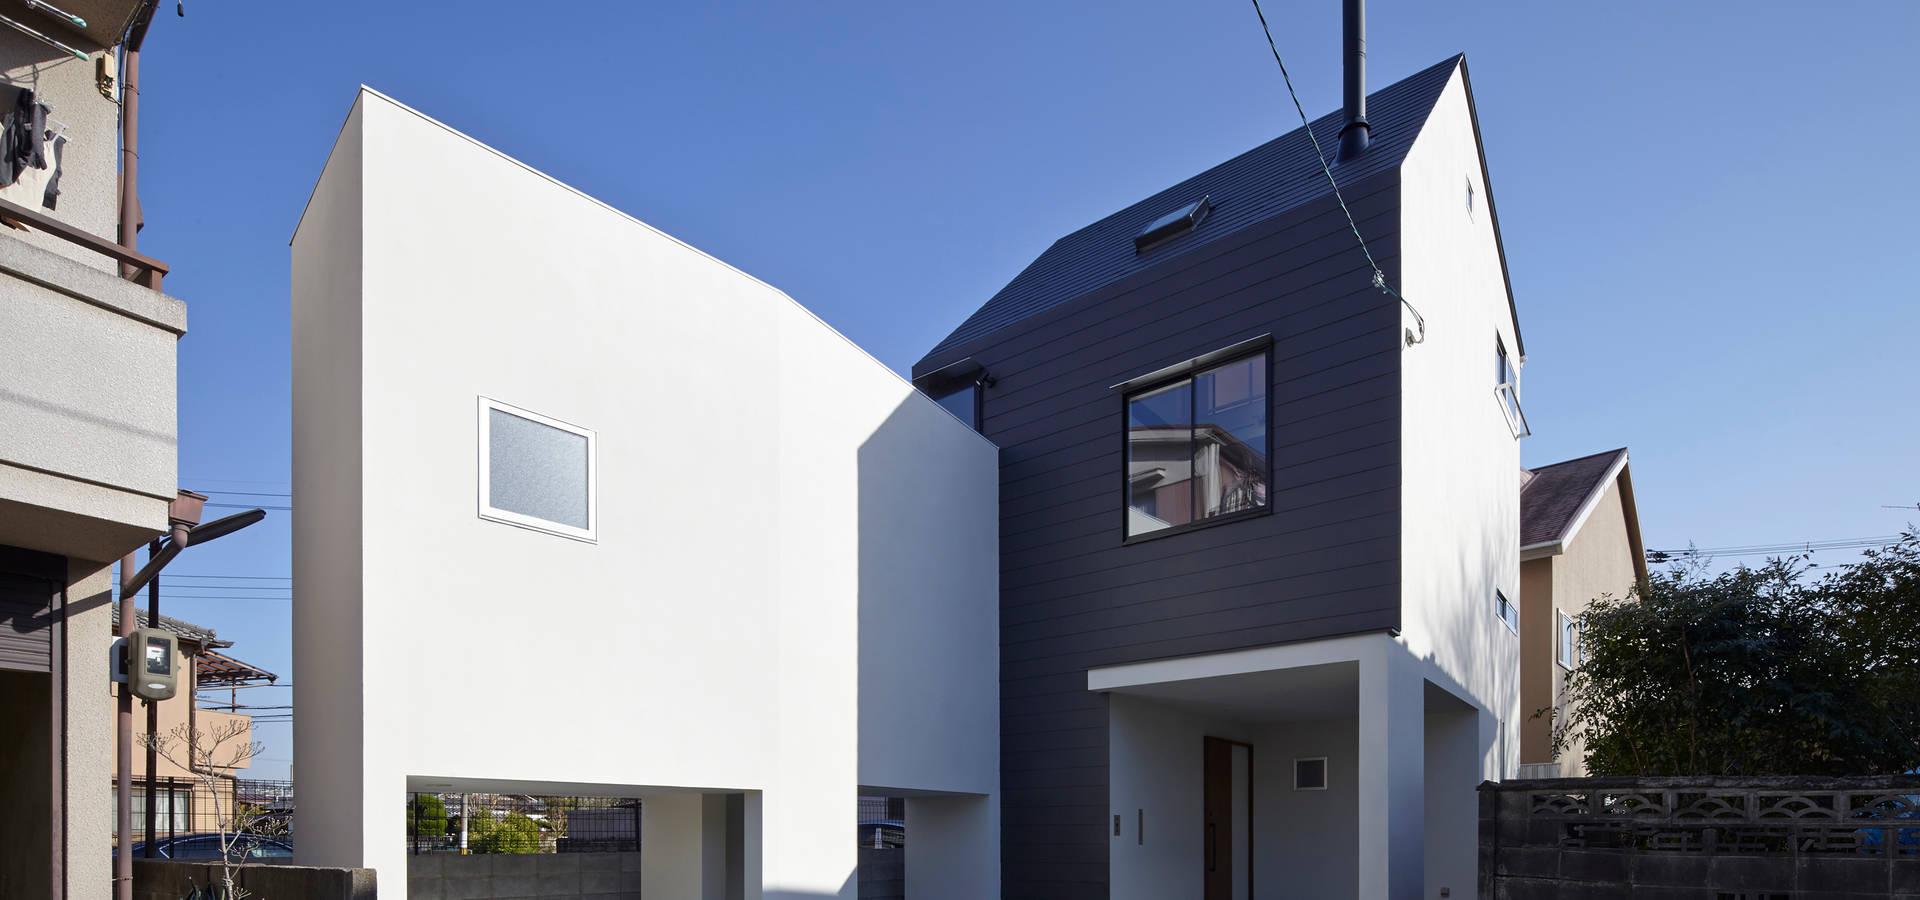 松本建築事務所/MA2 ARCHITECTS